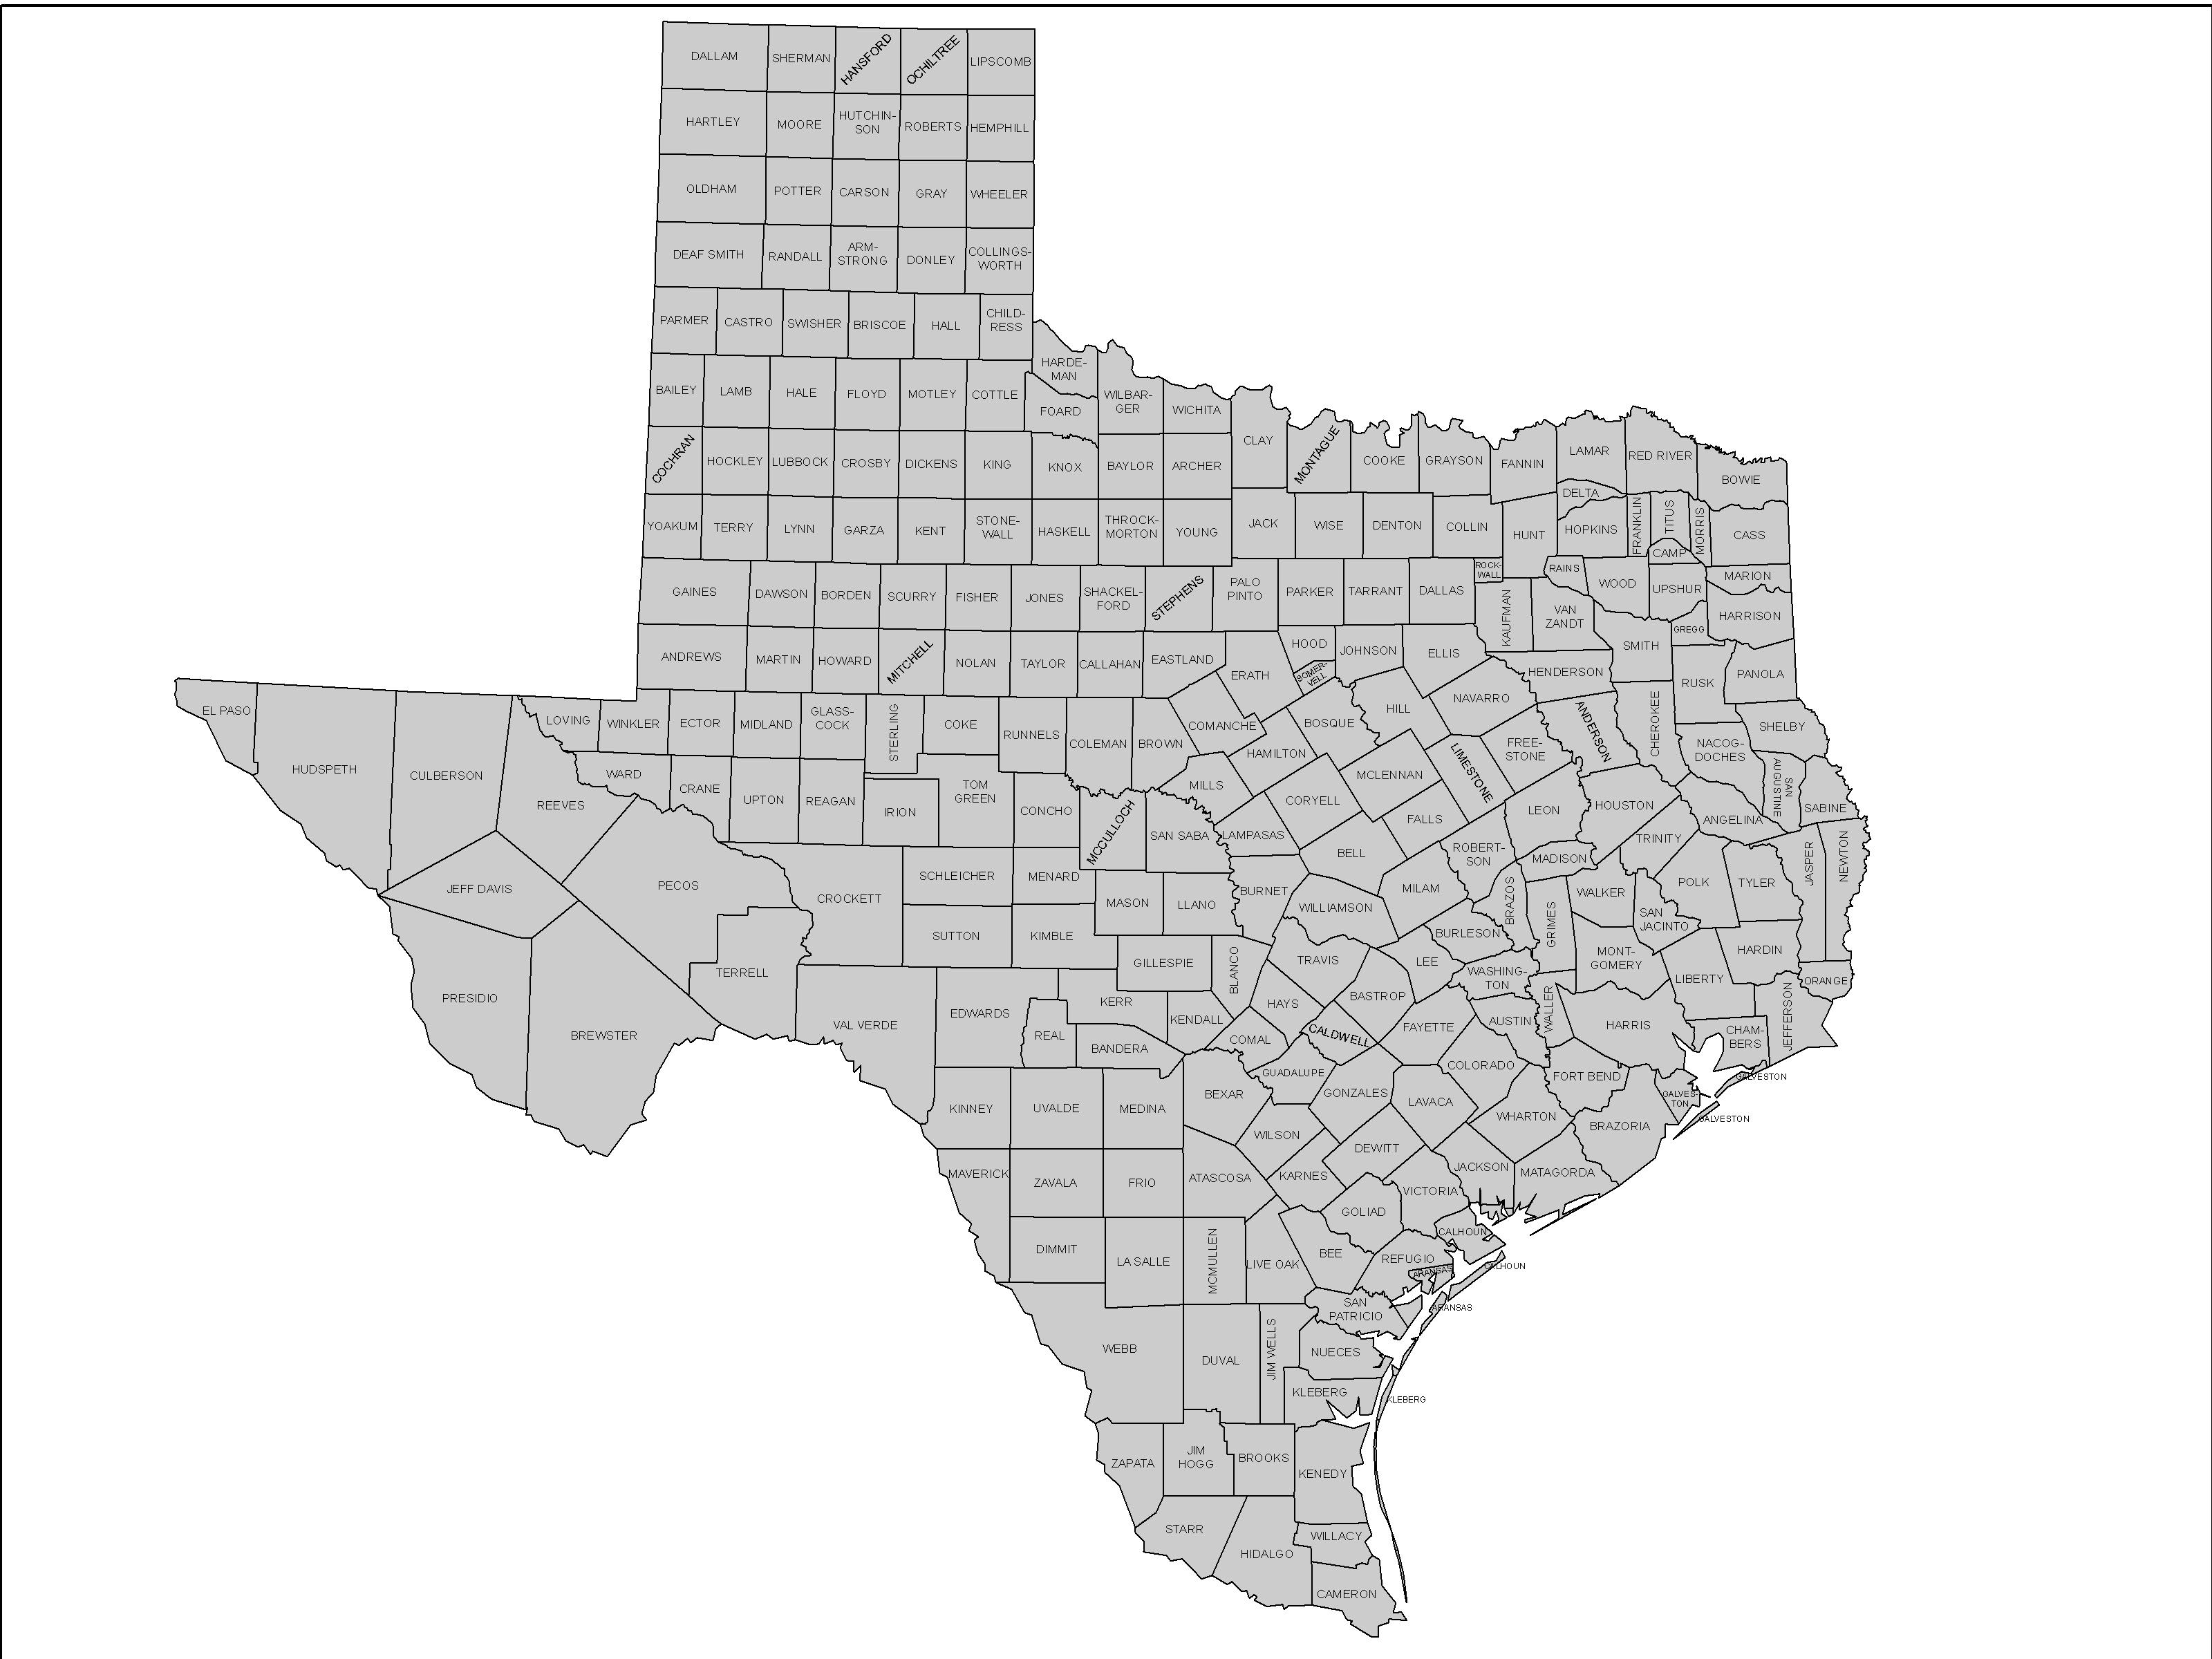 Grimes County Map, Grimes County Plat Map, Grimes County Parcel Maps - Texas Parcel Map